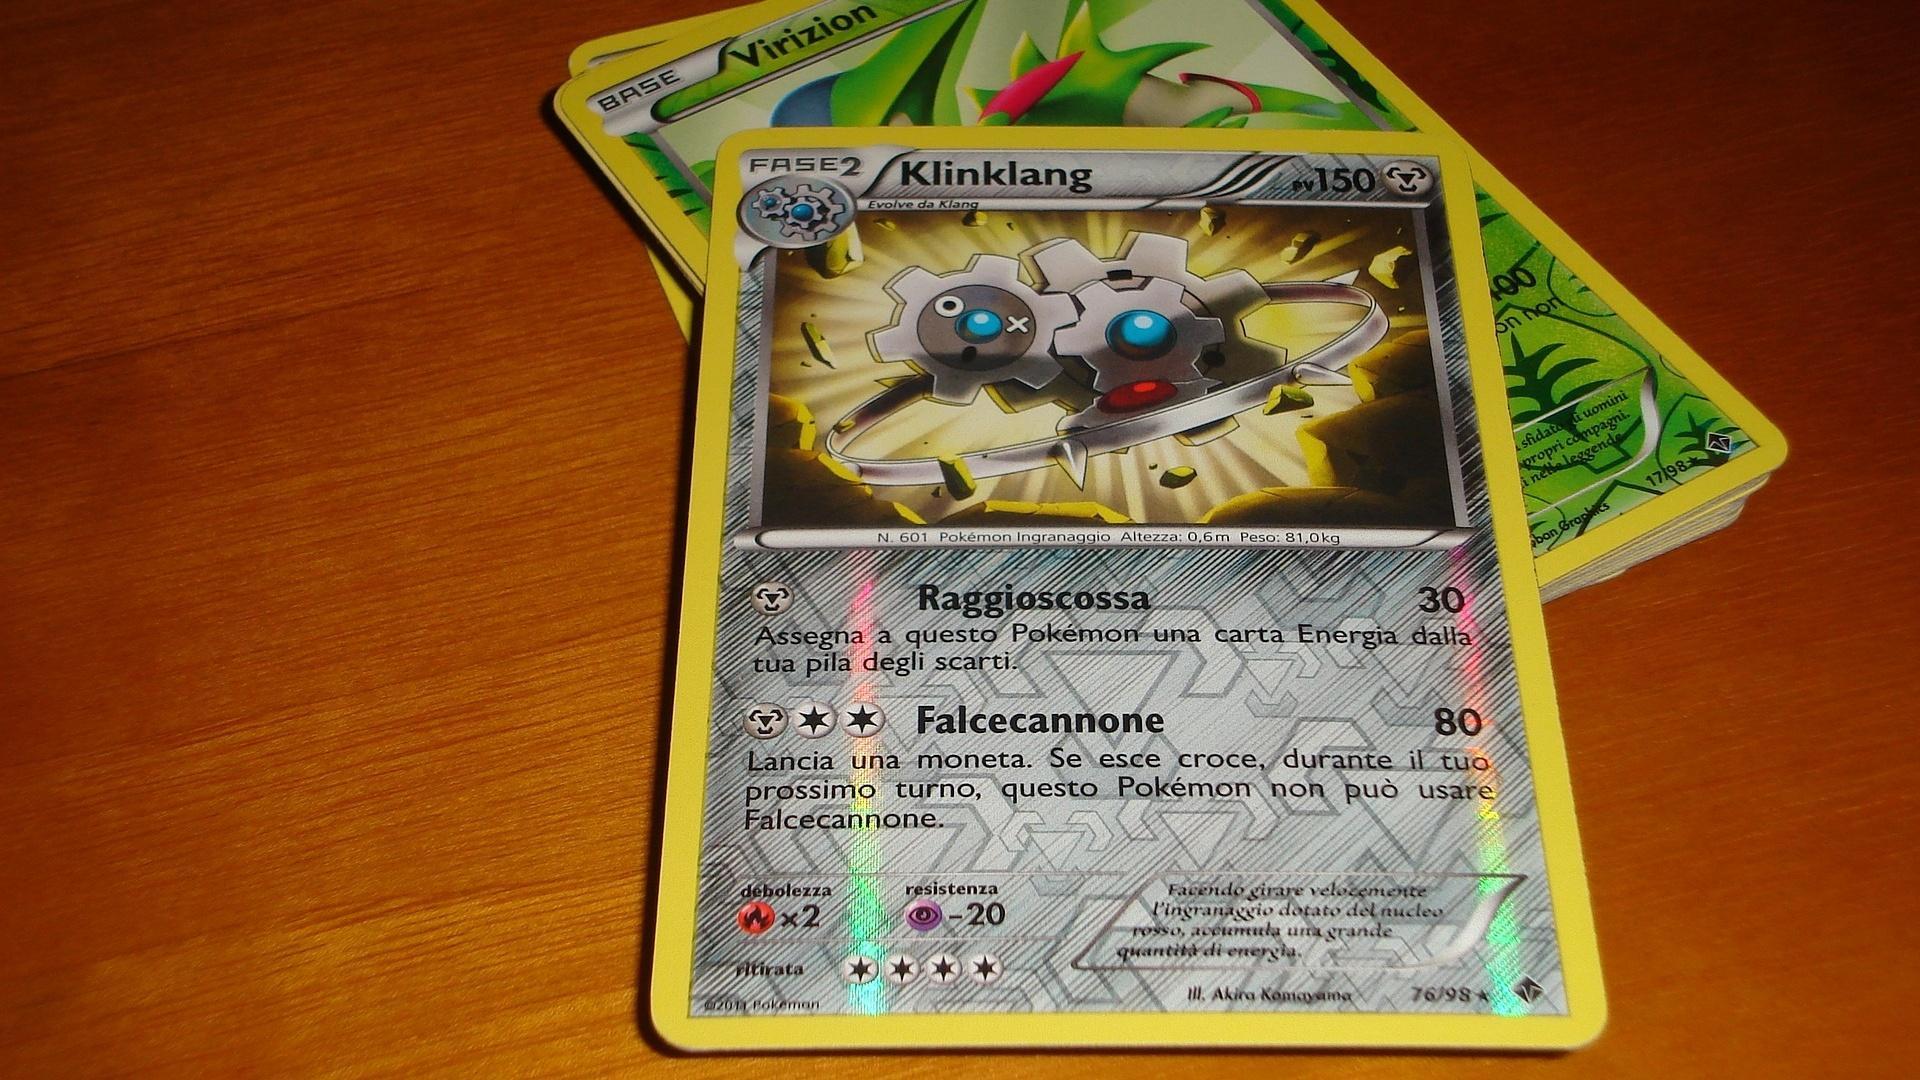 Manche Pokemon-Karten haben einen sehr hohen Wert